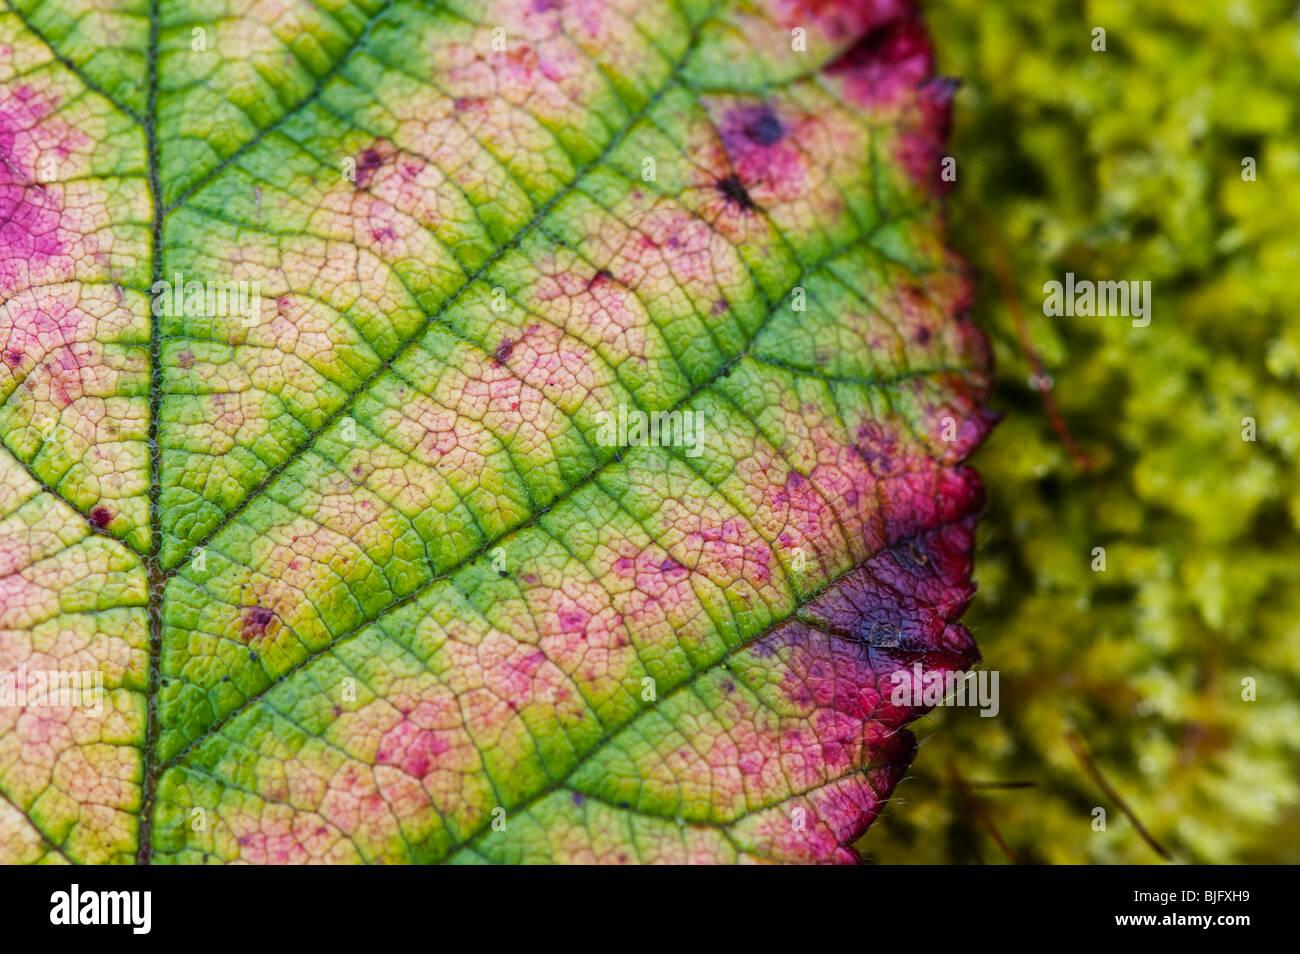 Bramble leaf perdre de chlorophylle et se décolorer en hiver. UK Photo Stock